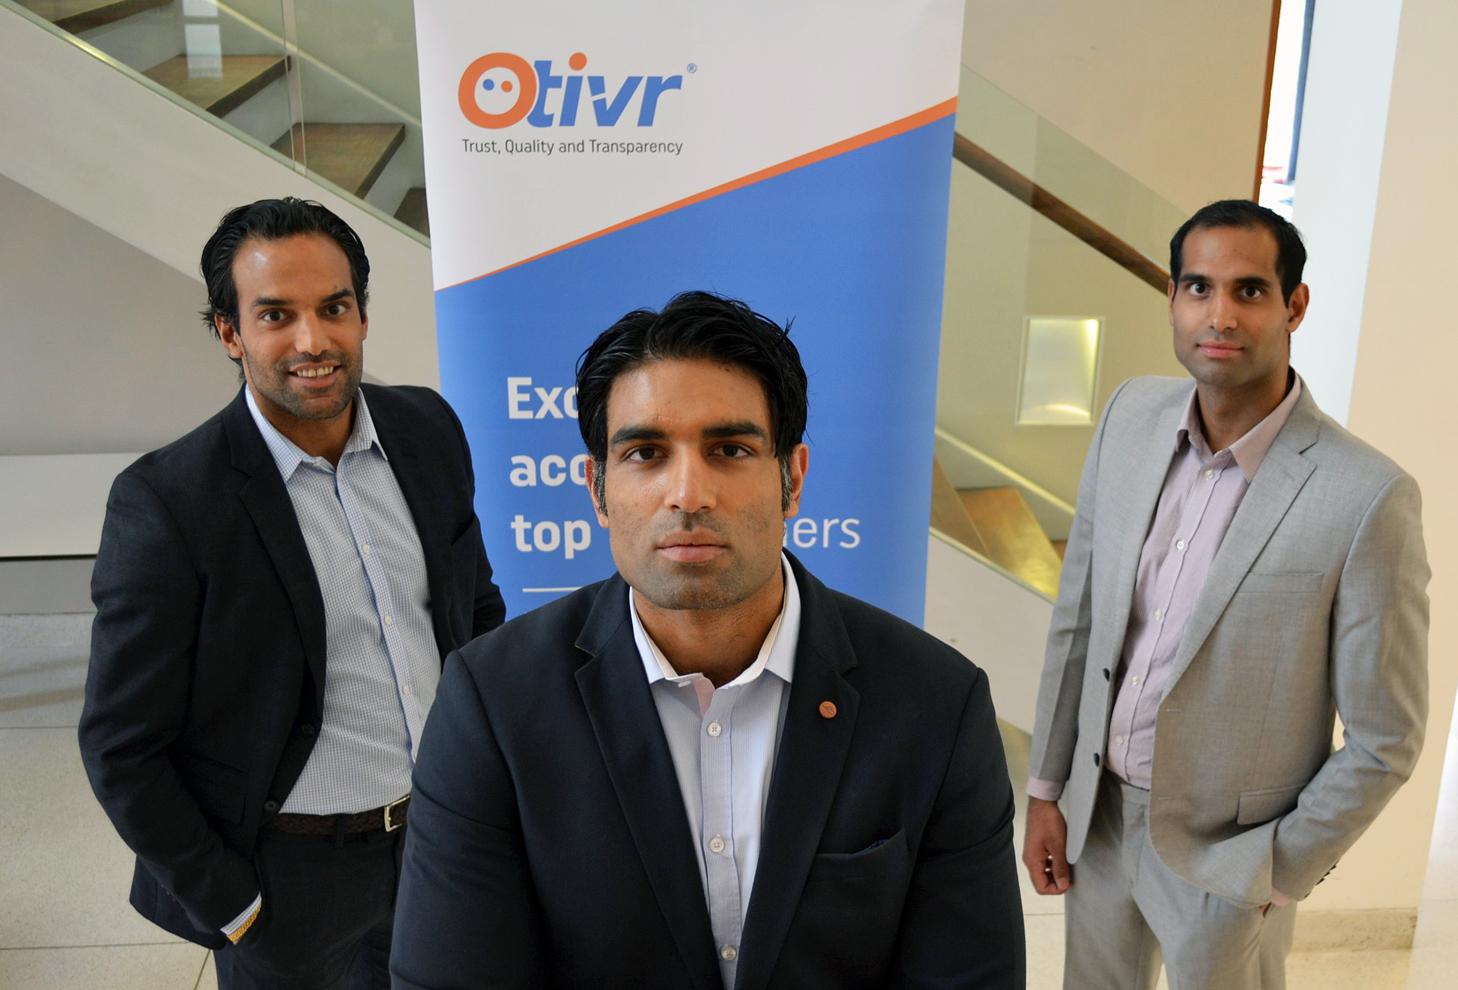 Ny tjänst tar 10 000 utvecklare till svensk e-handel